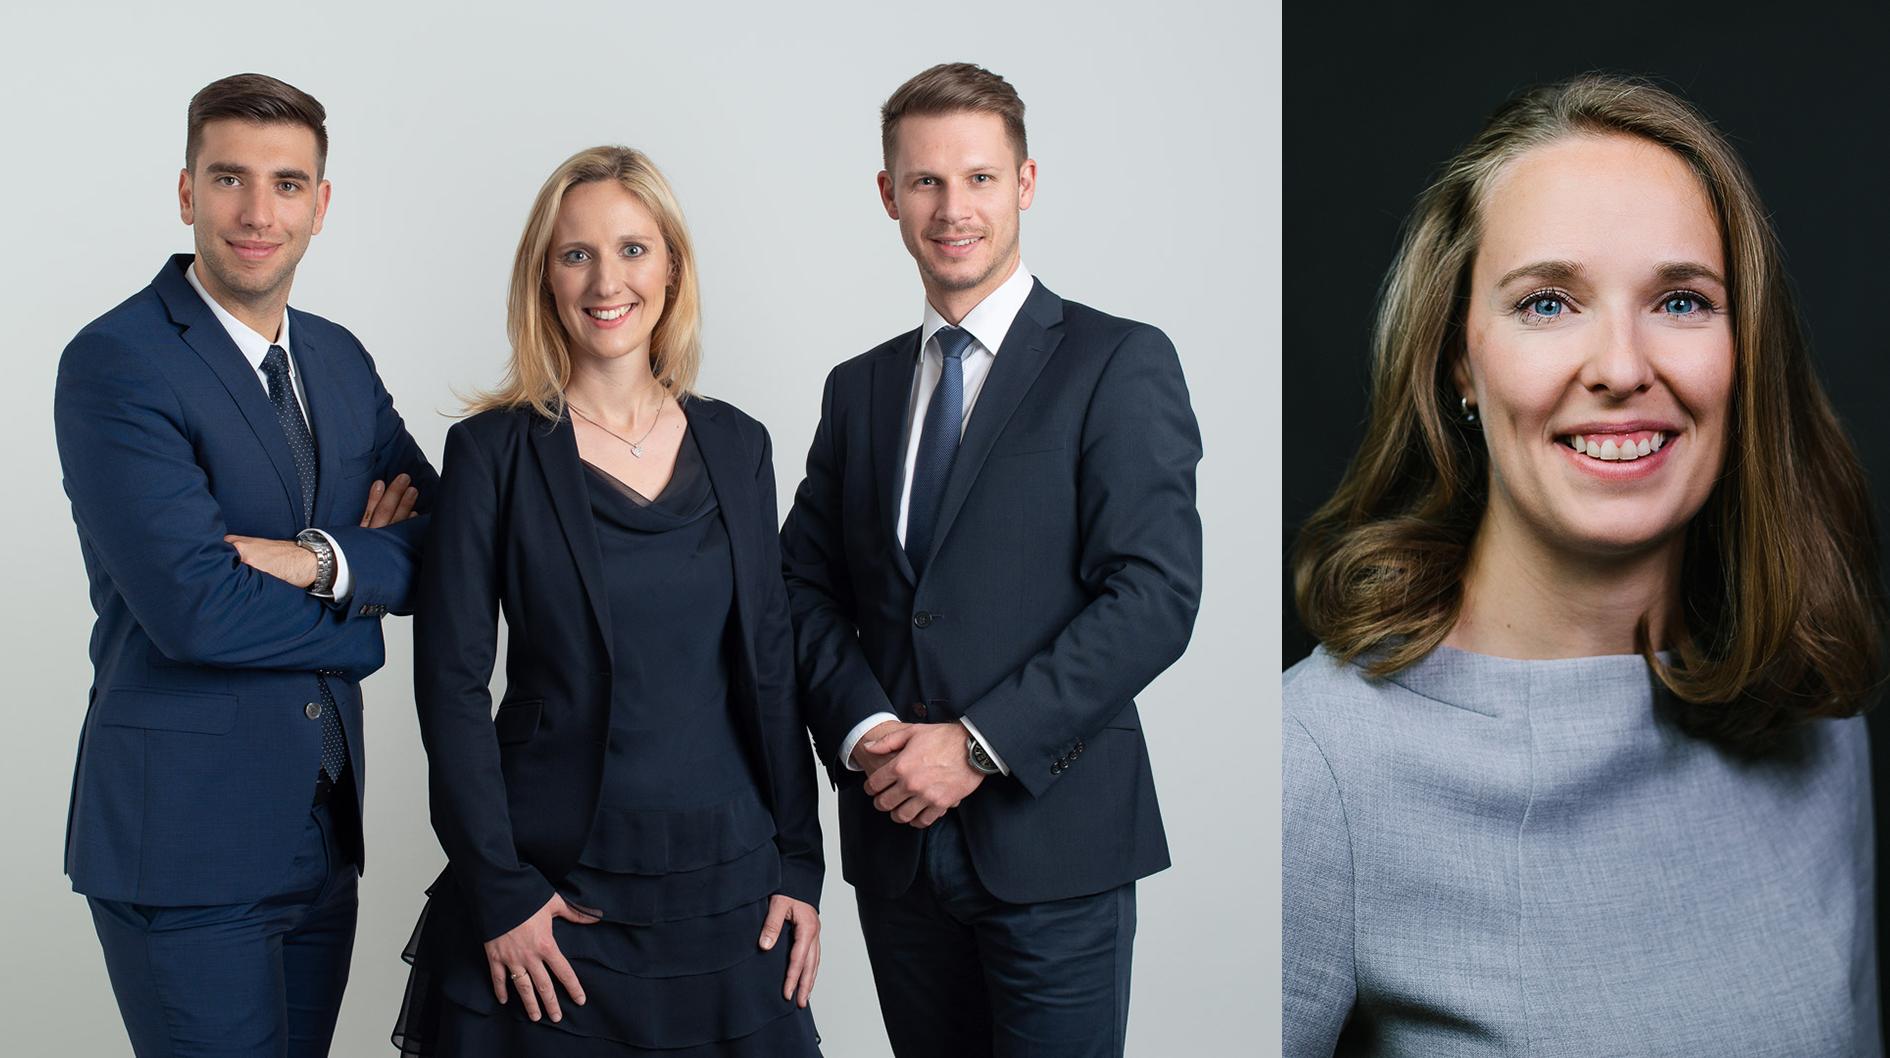 Drei neue Köpfe im Wiener Team der französischen Vermögensverwaltungsgesellschaft